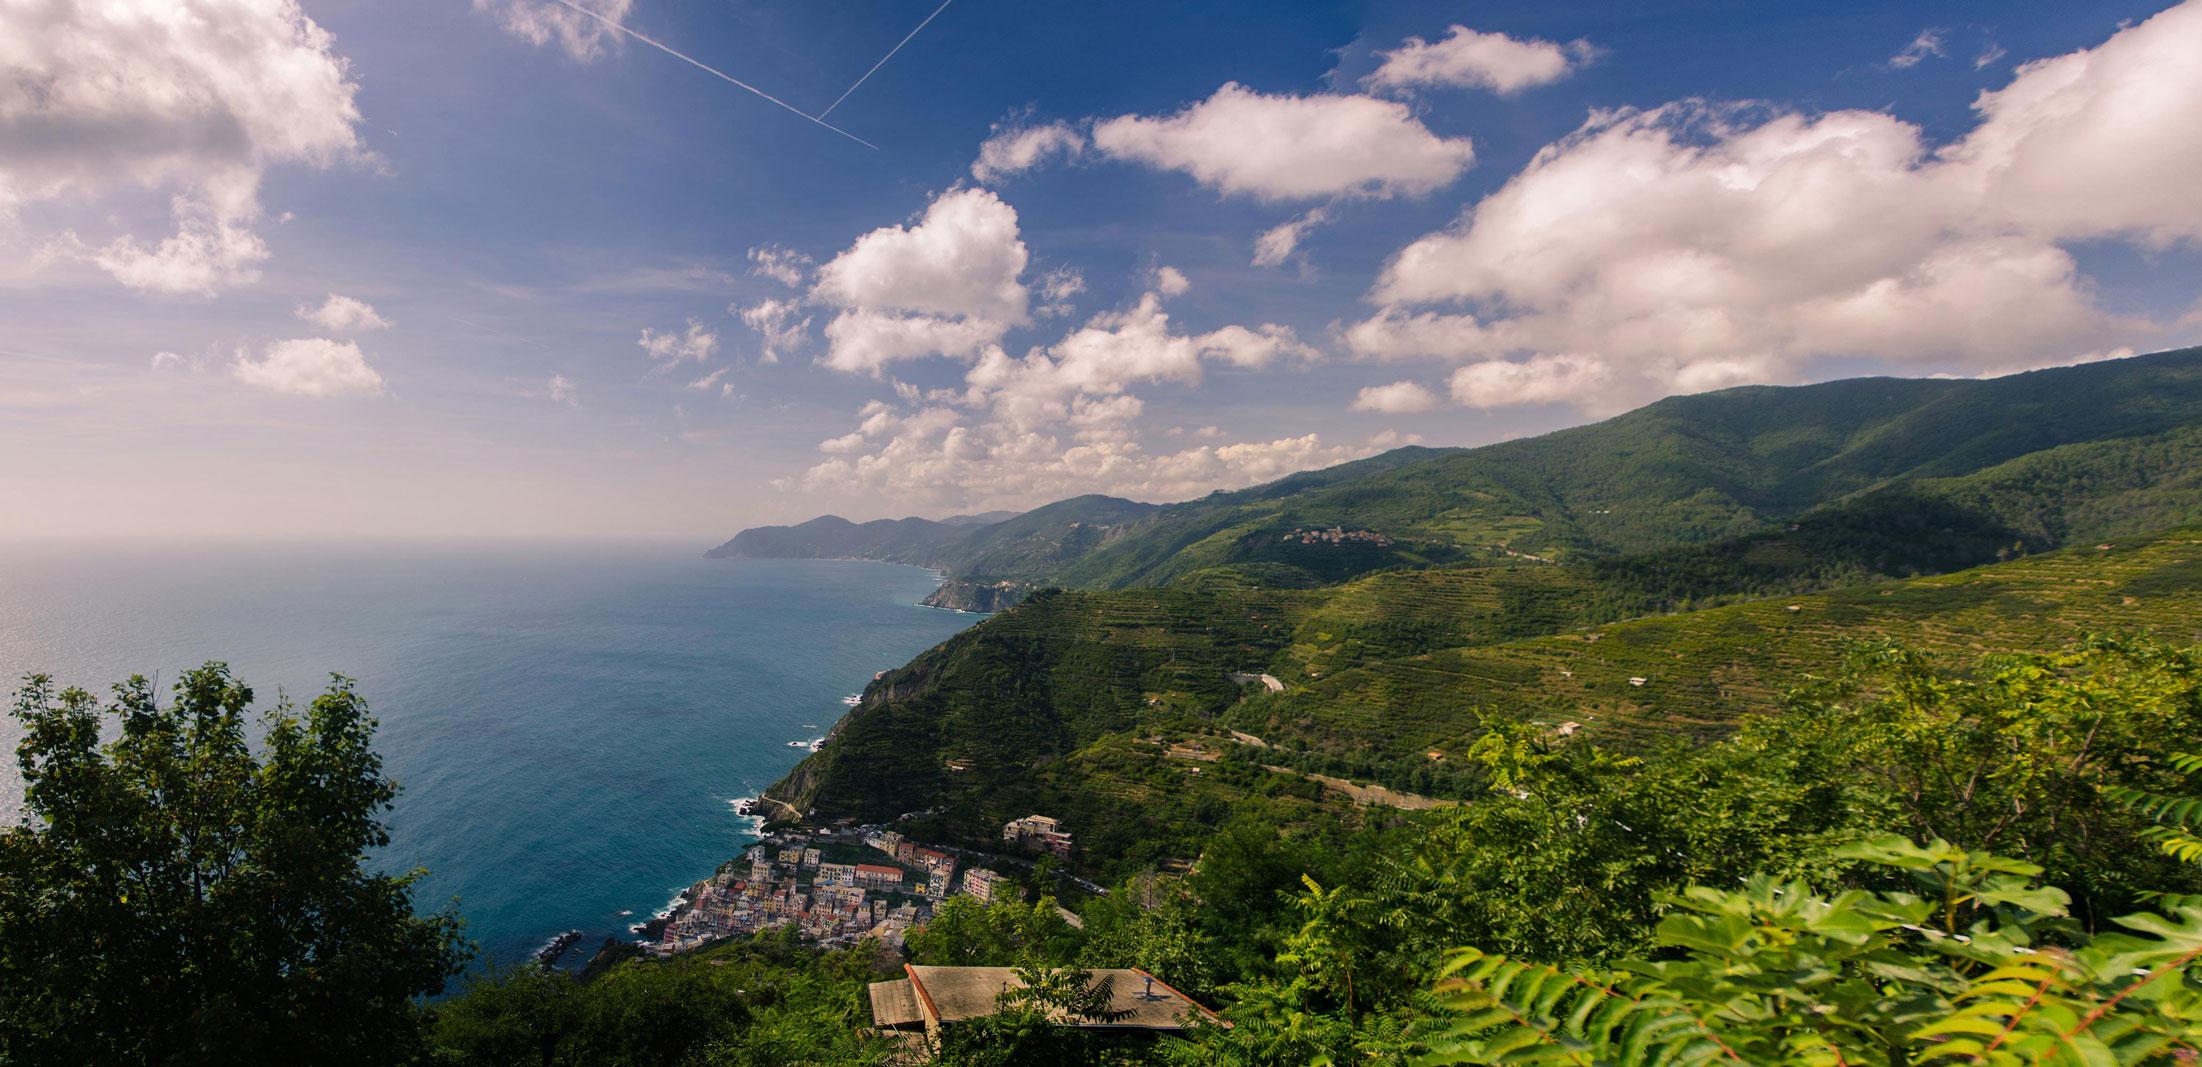 Paesaggi-Italia - Vista su Riomaggiore Cinque Terre Liguria - Vista-su-Riomaggiore-Cinque-Terre-Liguria -